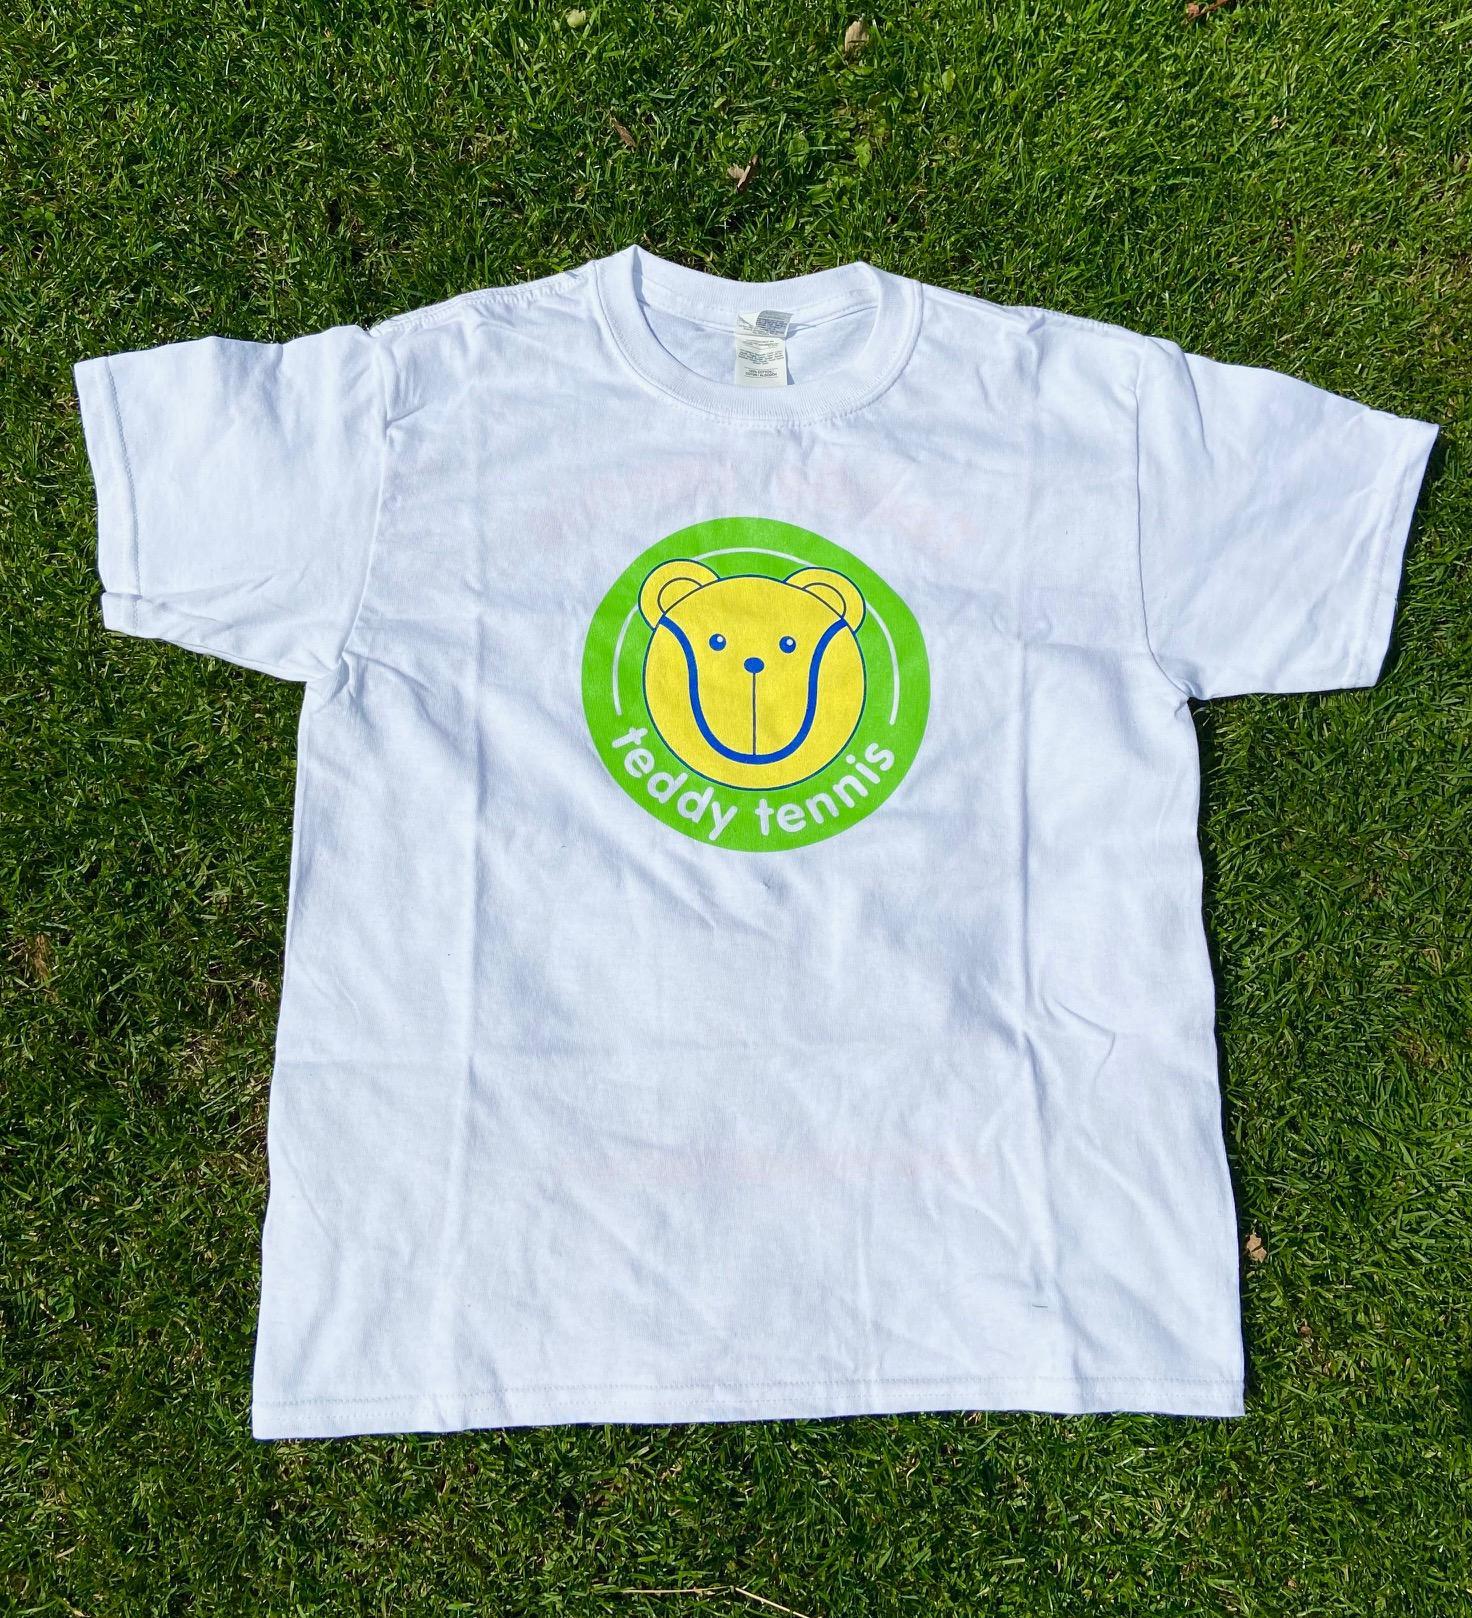 Teddy Tennis T-Shirt Size Medium ( Age 5 -6 )